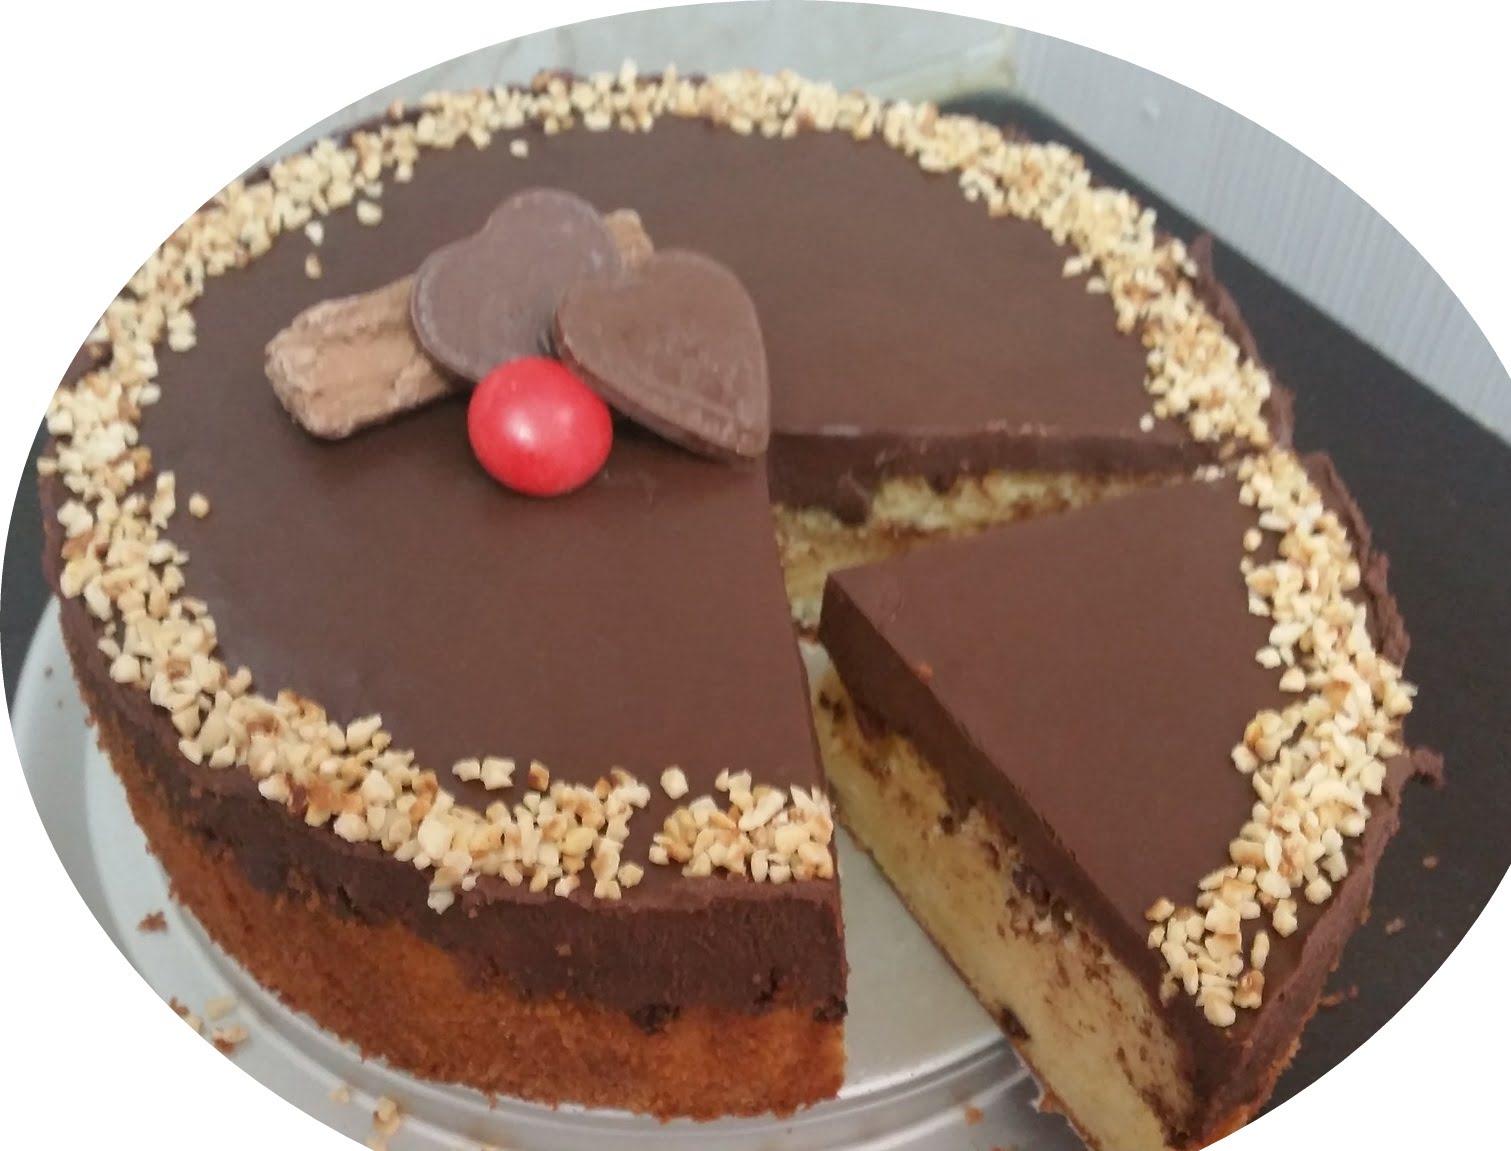 עוגה עם שכבות שוקולד מקופלת ושוקולד ציפס בחושה